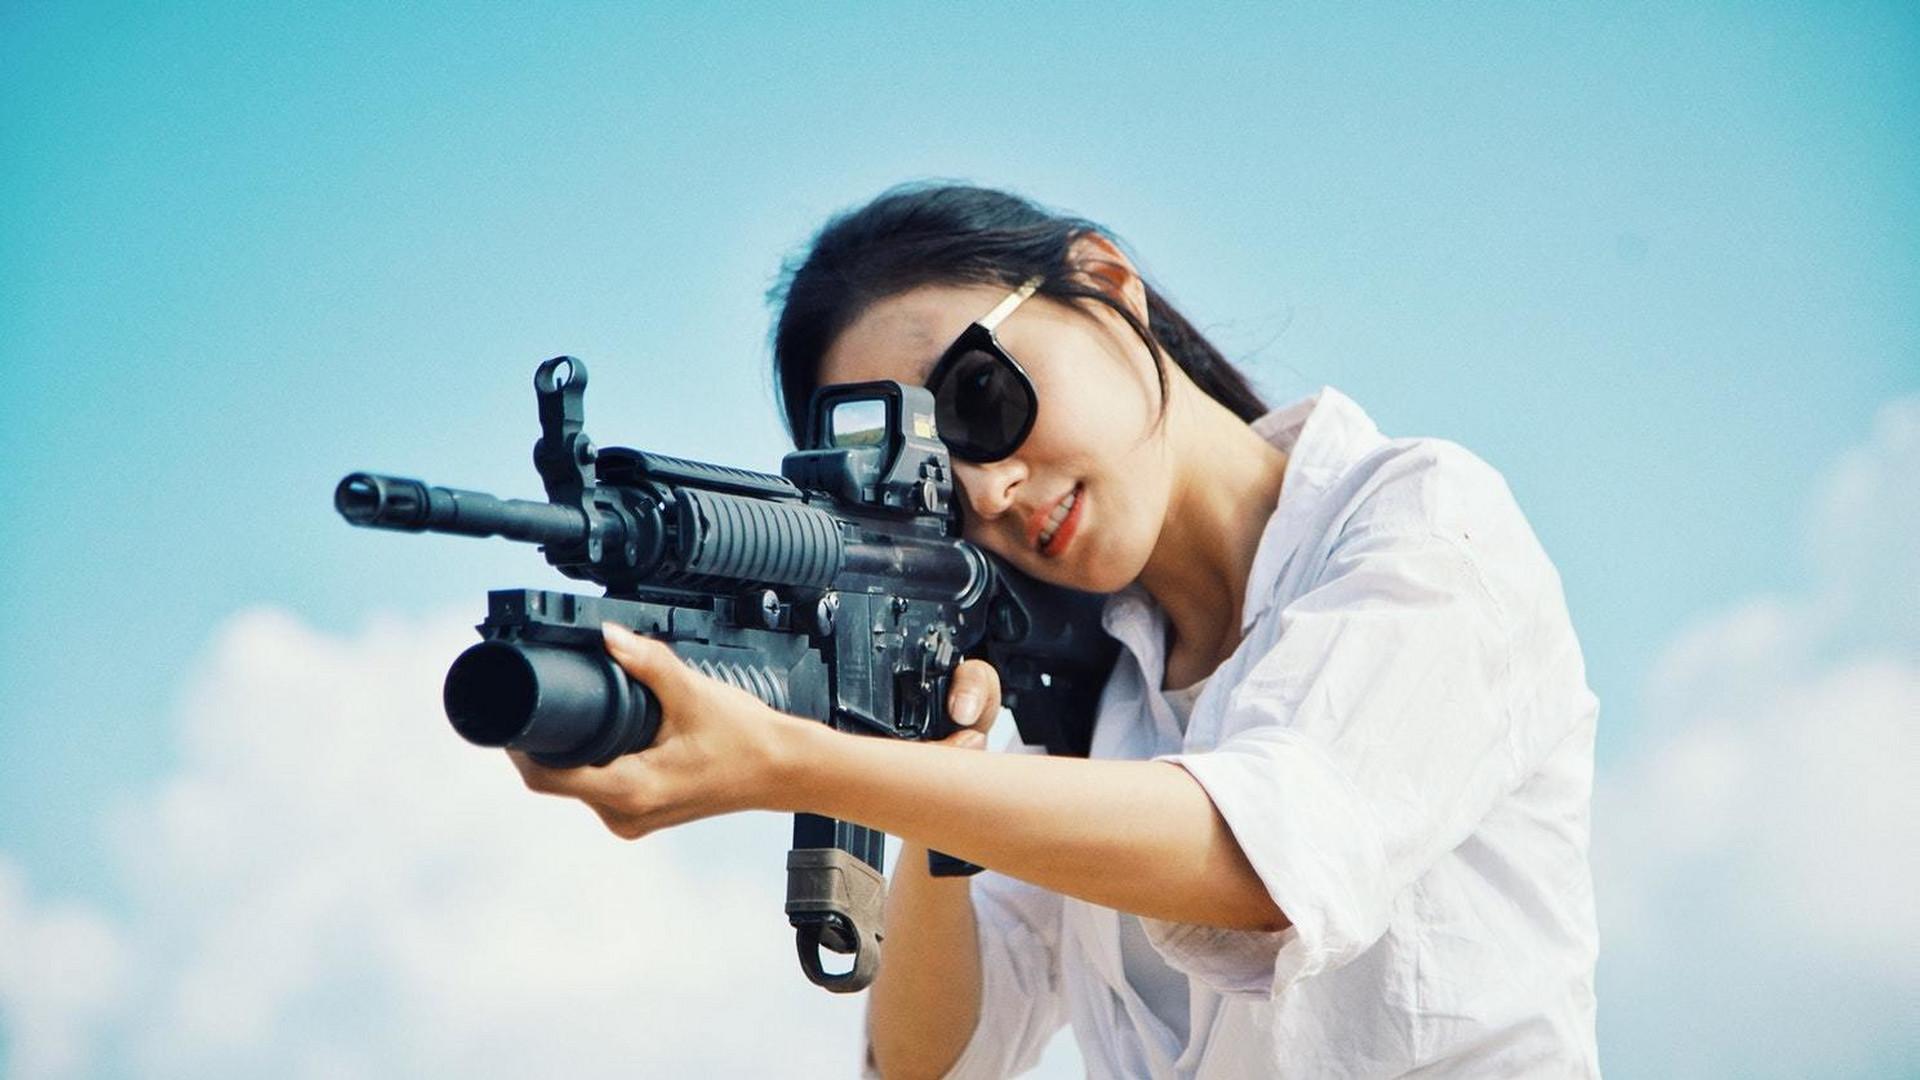 08bf8523d9 Mi lenne, ha eltűnnének a fegyverek? - Noizz